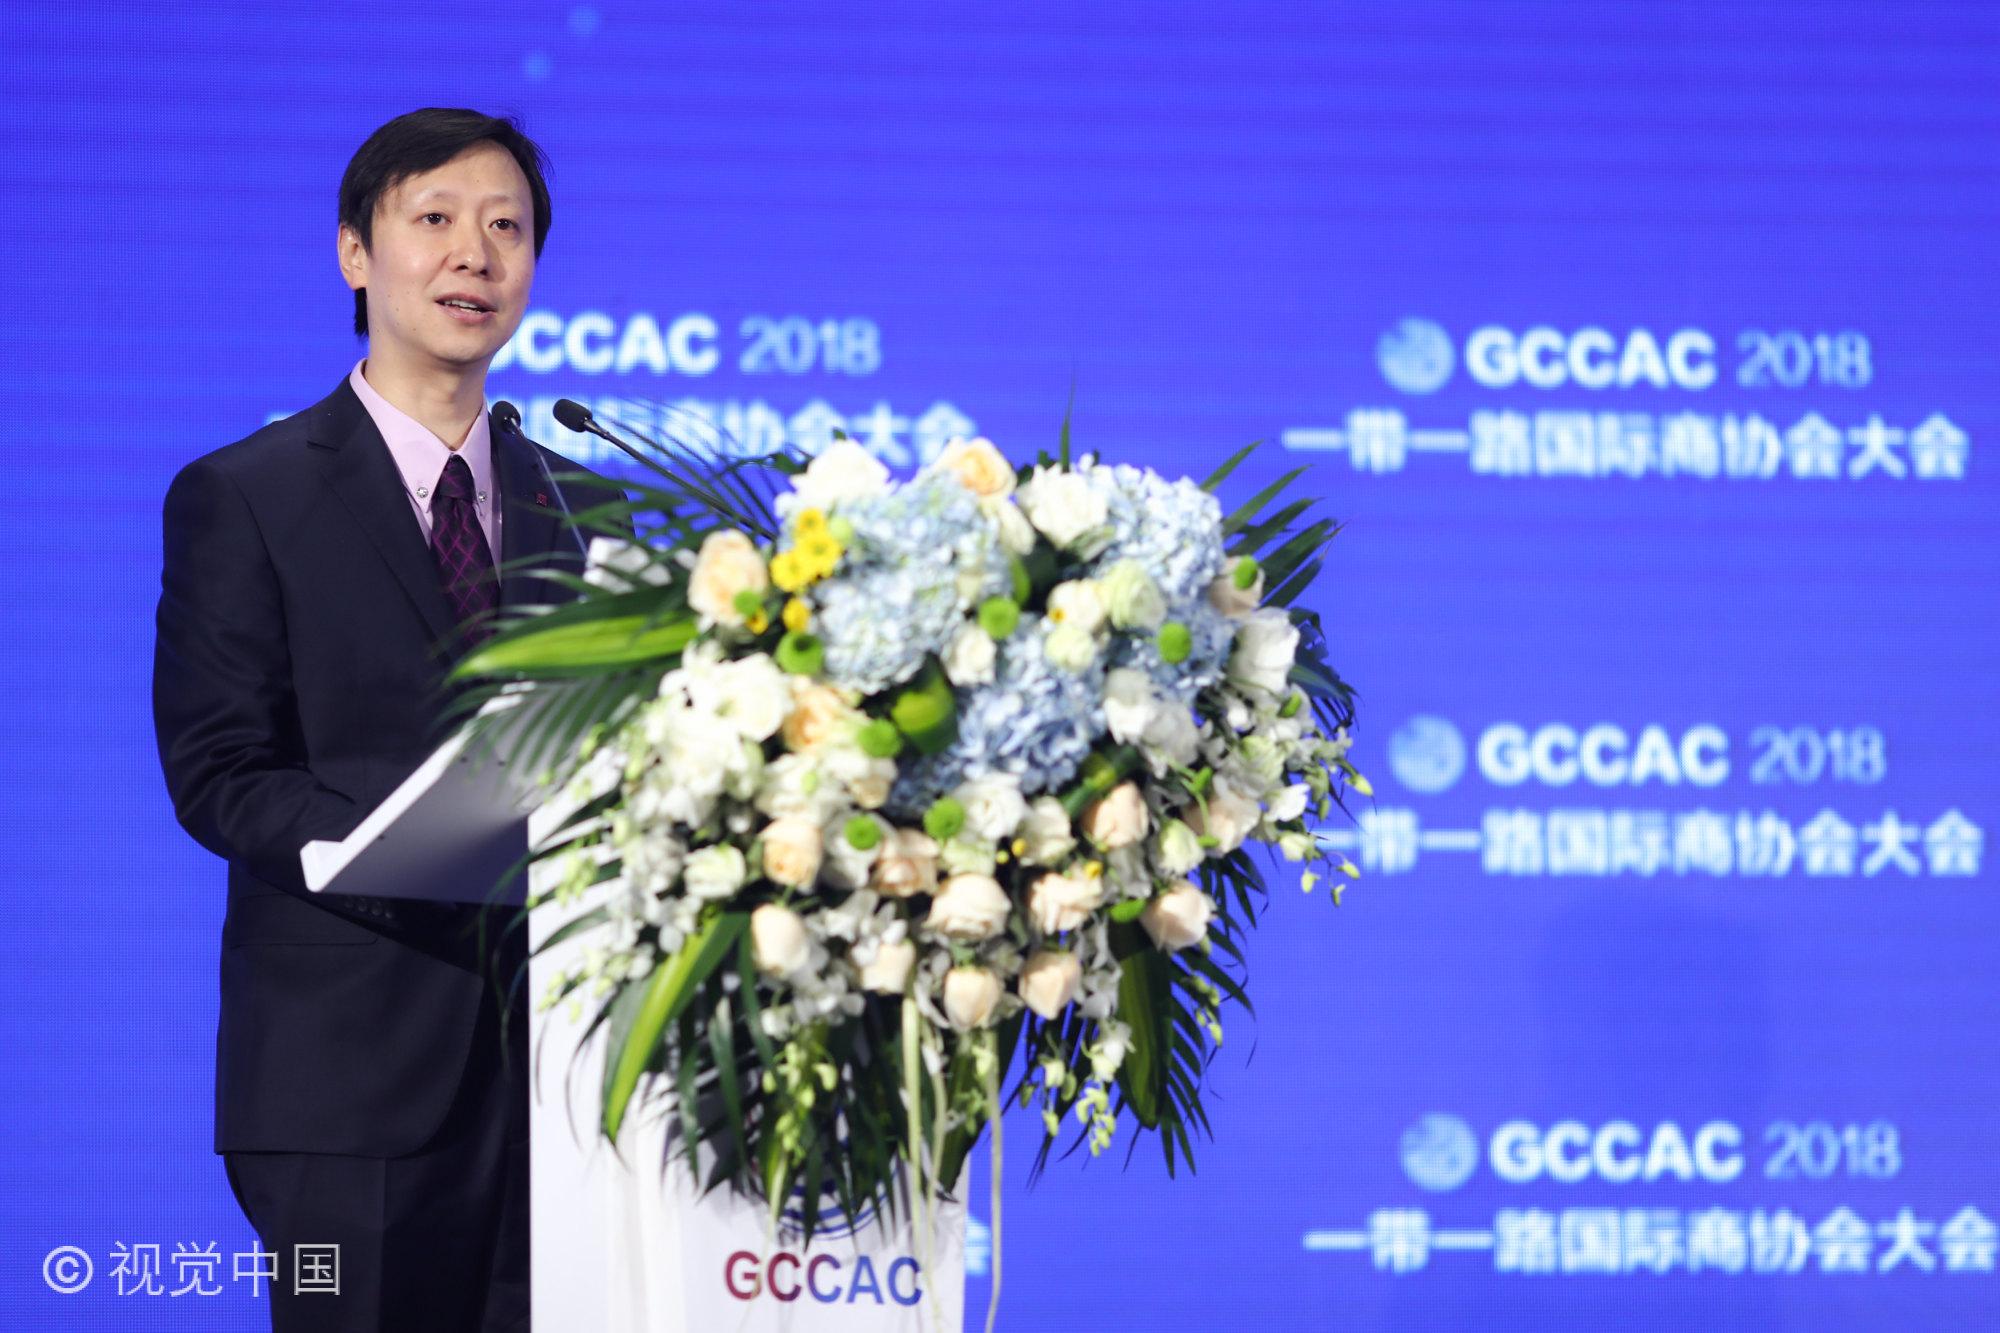 环球时报副总编辑谢戎彬在一带一路国际商协会大会上致辞(图)